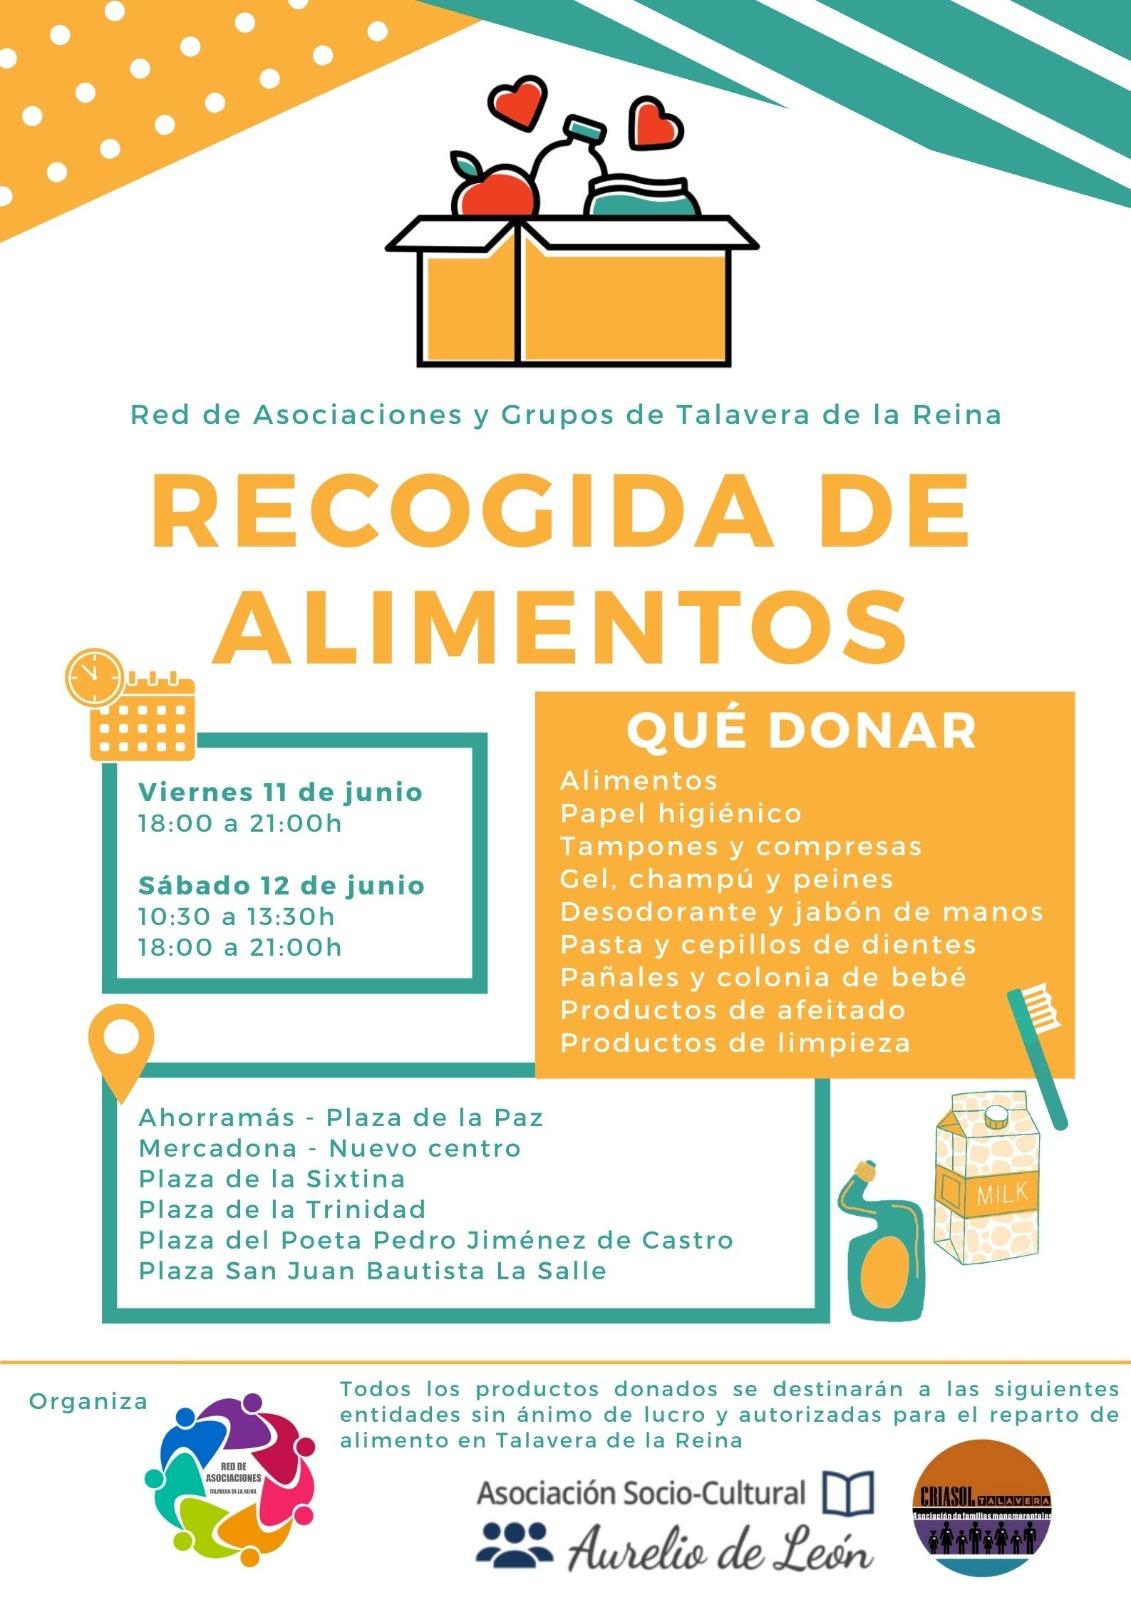 INICIATIVA SOLIDARIA ESTE FIN DE SEMANA ¡¡ RECOGIDA DE ALIMENTOS!!